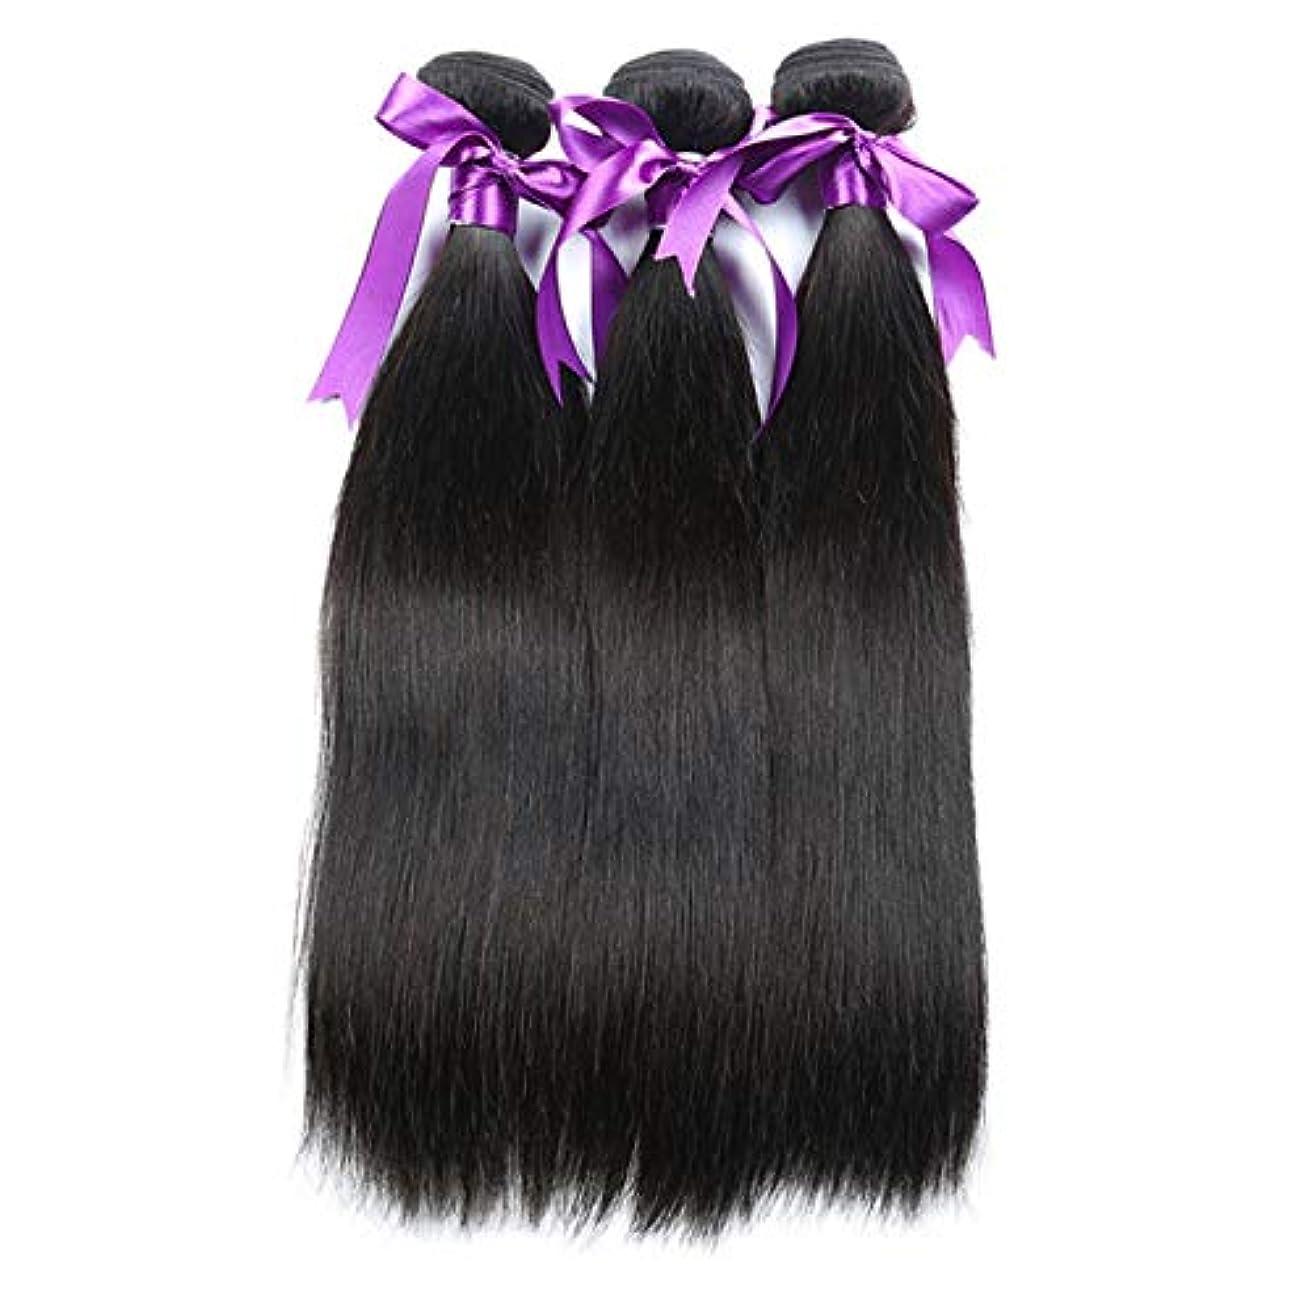 モトリー手荷物仕方マレーシアストレートヘアバンドル8-28インチ100%人毛織りレミー髪3ピース髪バンドル (Stretched Length : 14 16 18)